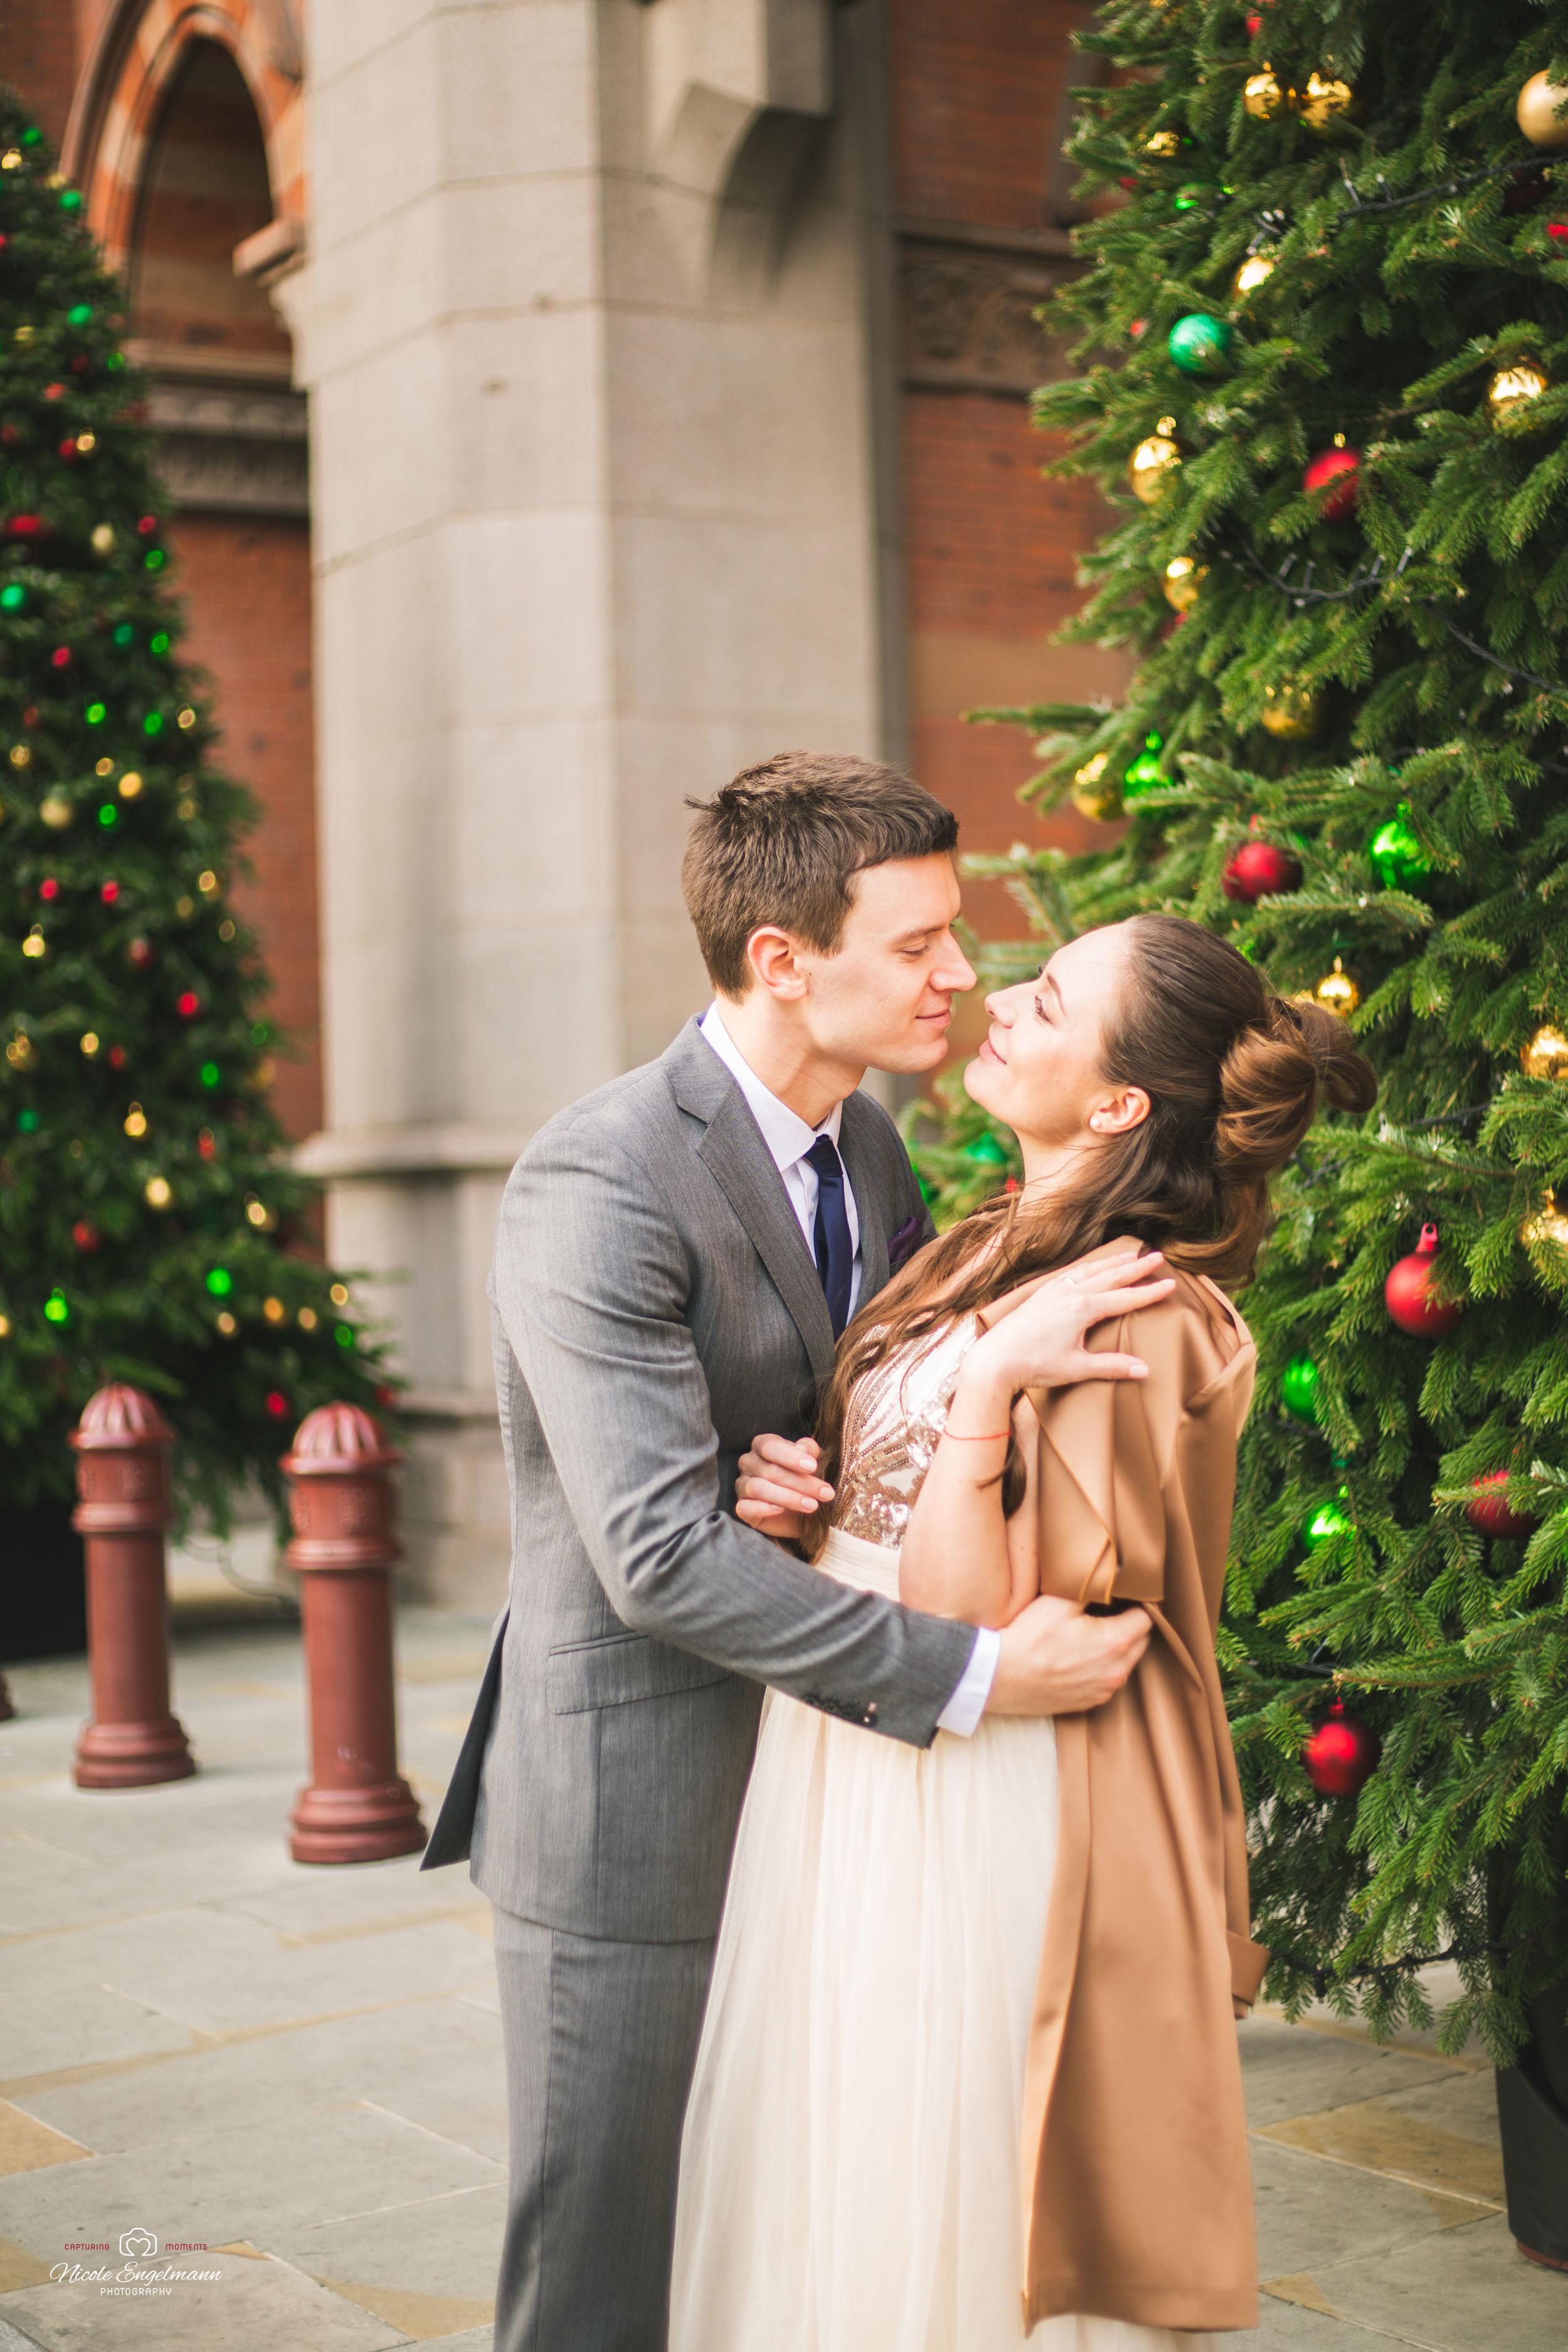 xmas-wedding-14.jpg